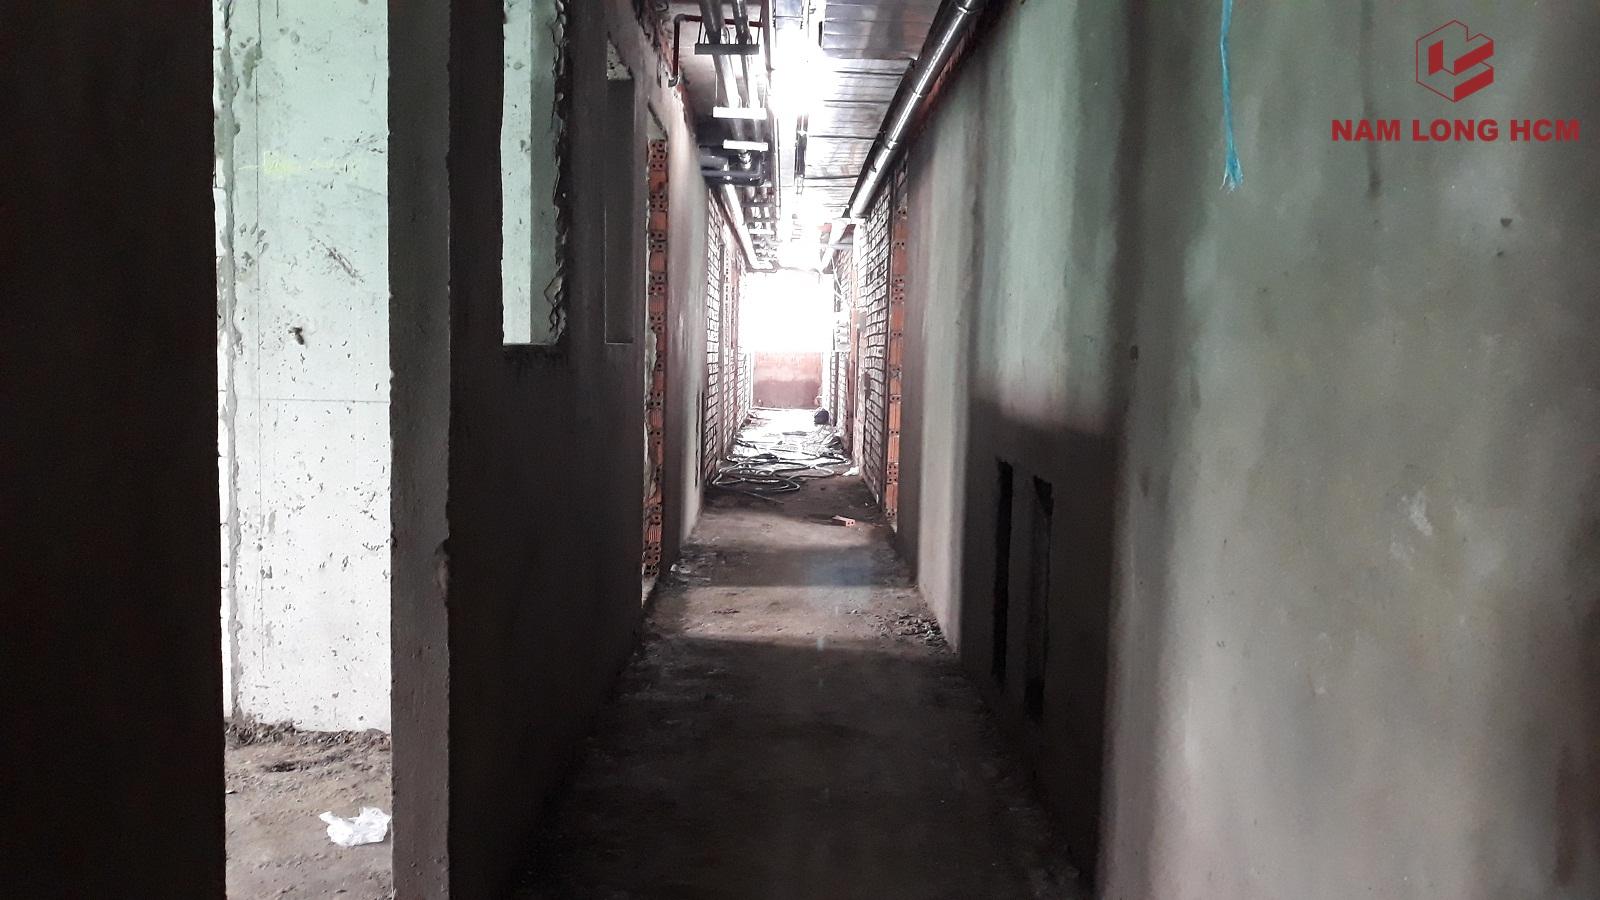 Phía trong một số Block Ehome S đang thi công cơ điện. Ảnh: Nam Long HCM.